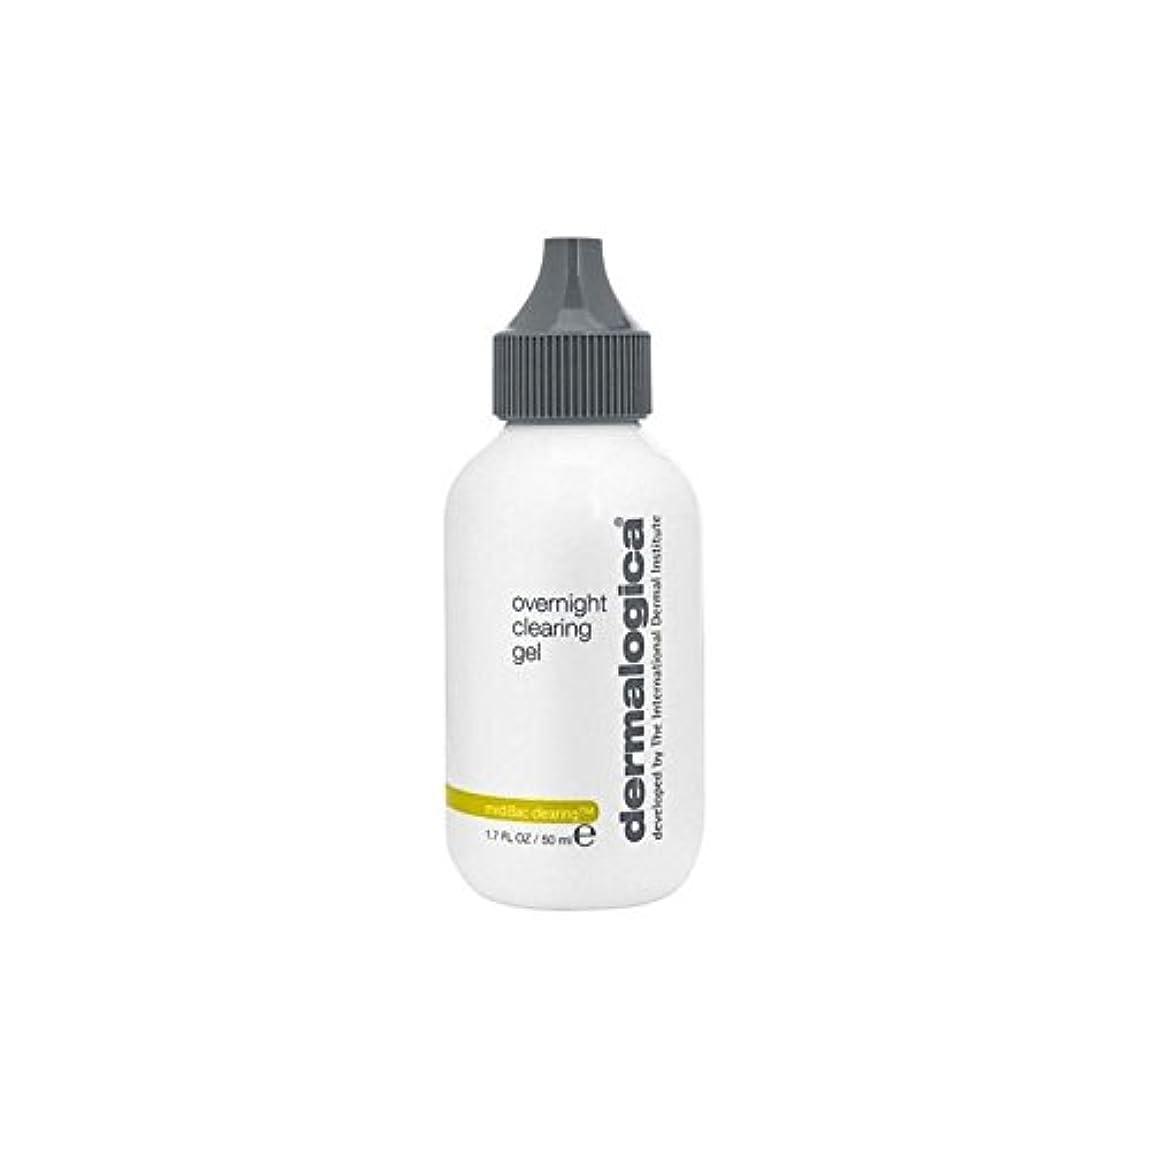 メイエラ口述する初期ダーマロジカ一晩透明ゲル(50)中 x4 - Dermalogica Medibac Overnight Clearing Gel (50ml) (Pack of 4) [並行輸入品]